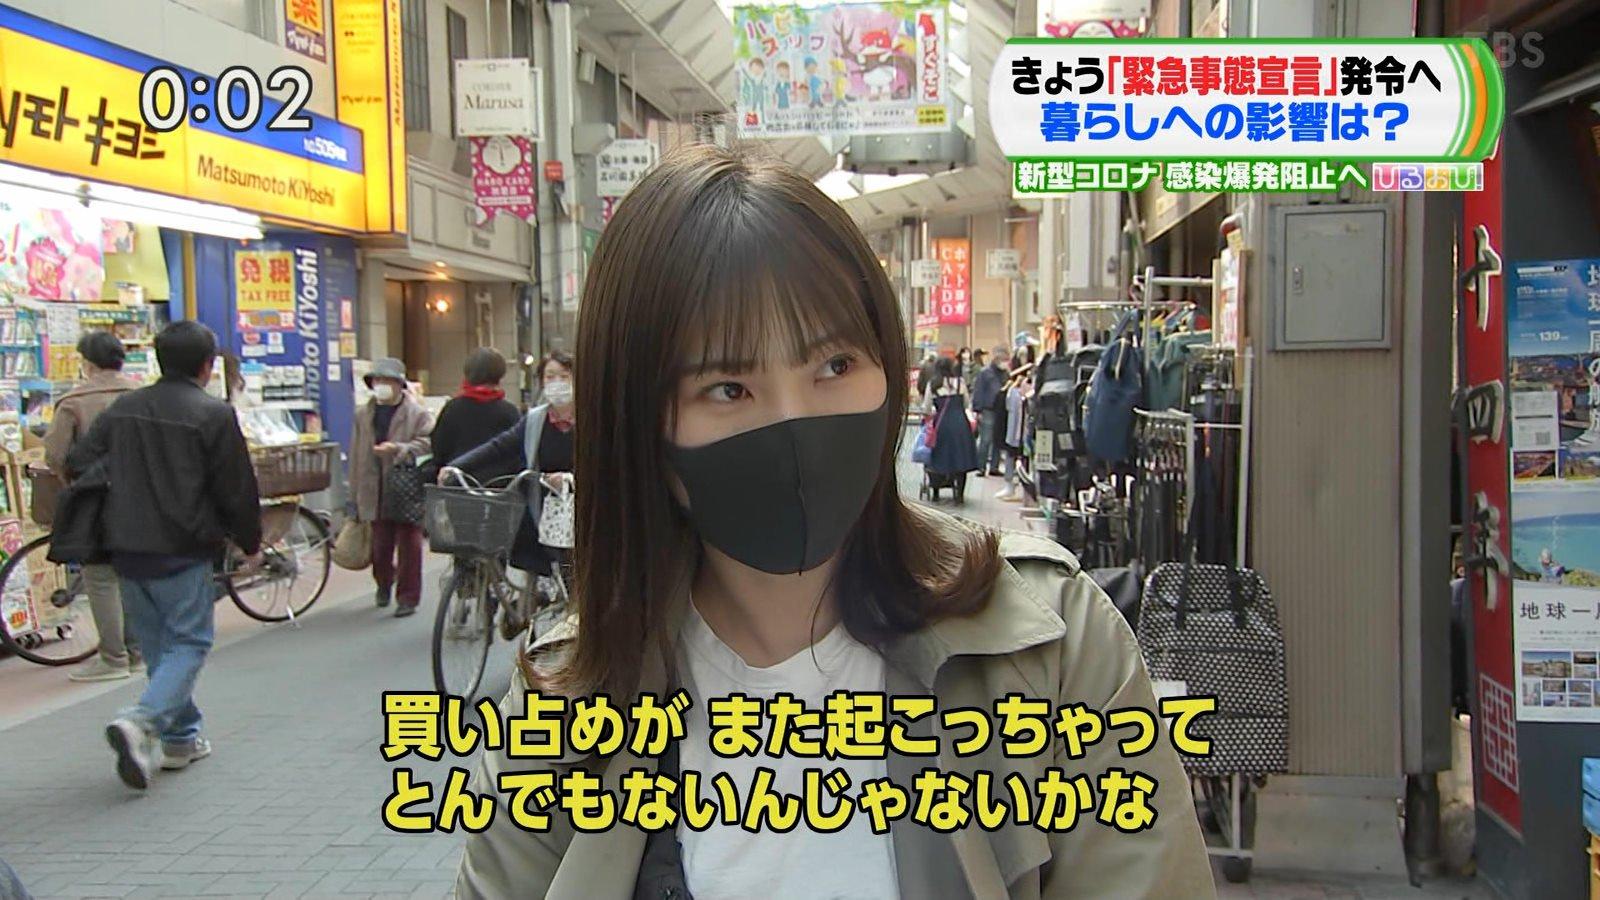 【画像】激かわ女子大生、緊急事態宣言に物申す